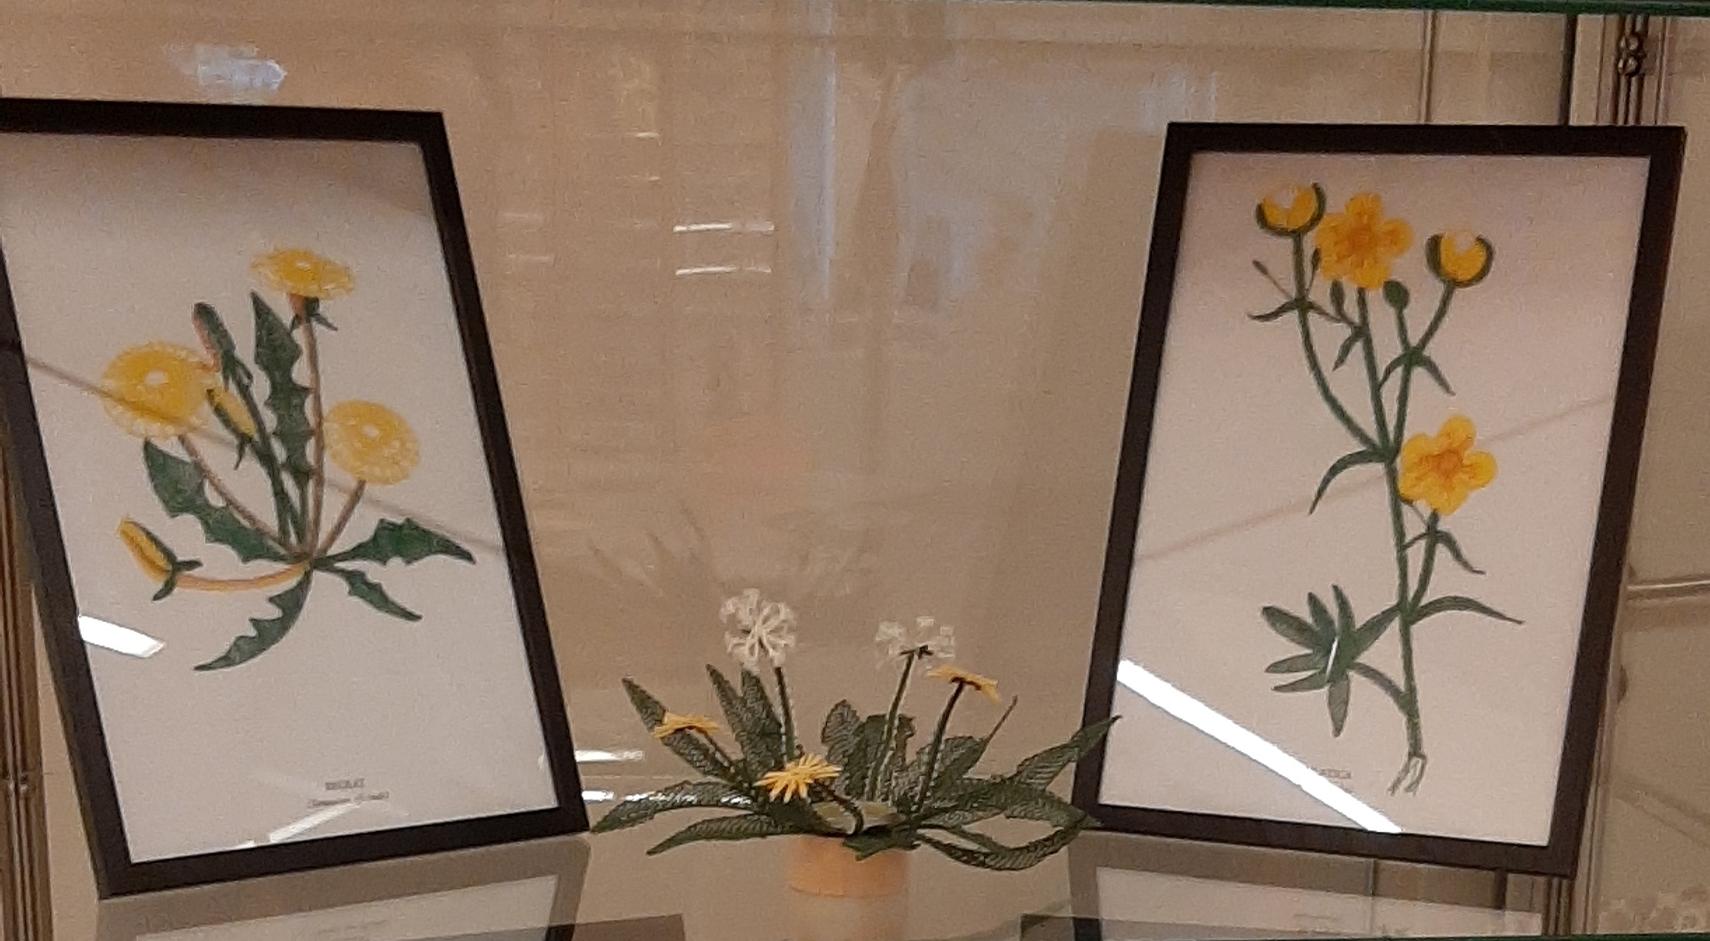 slikca - Arhiv razstave